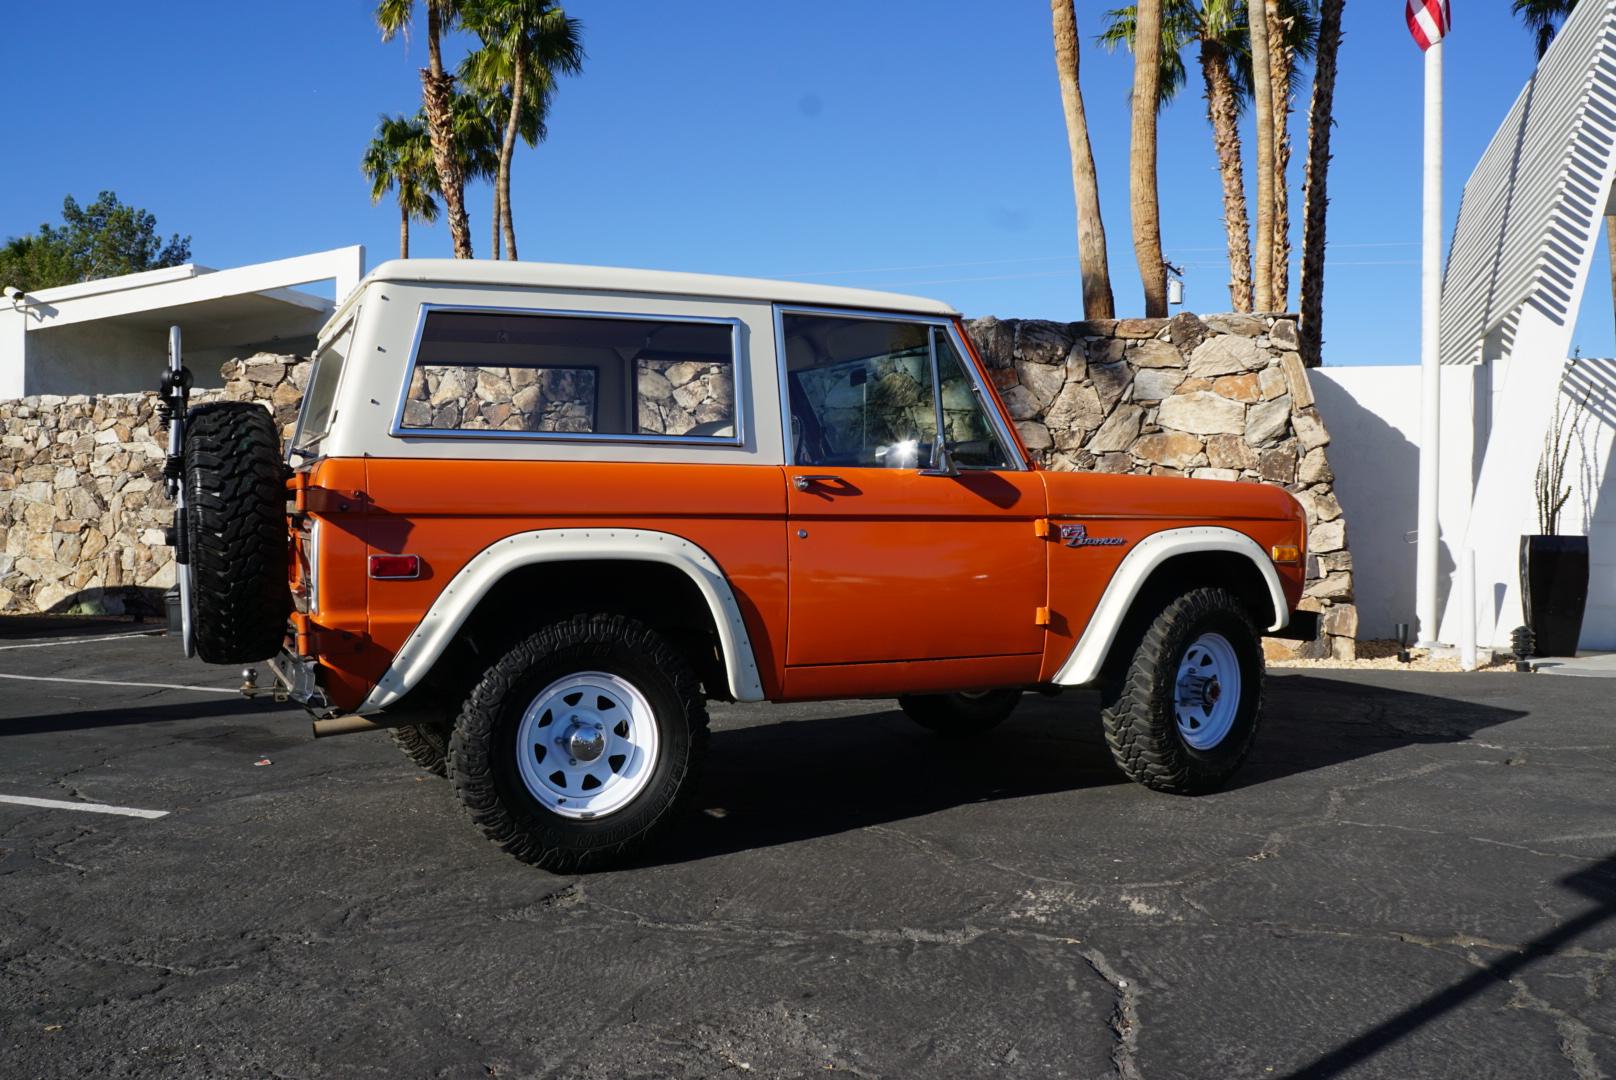 1974 Ford Bronco profile